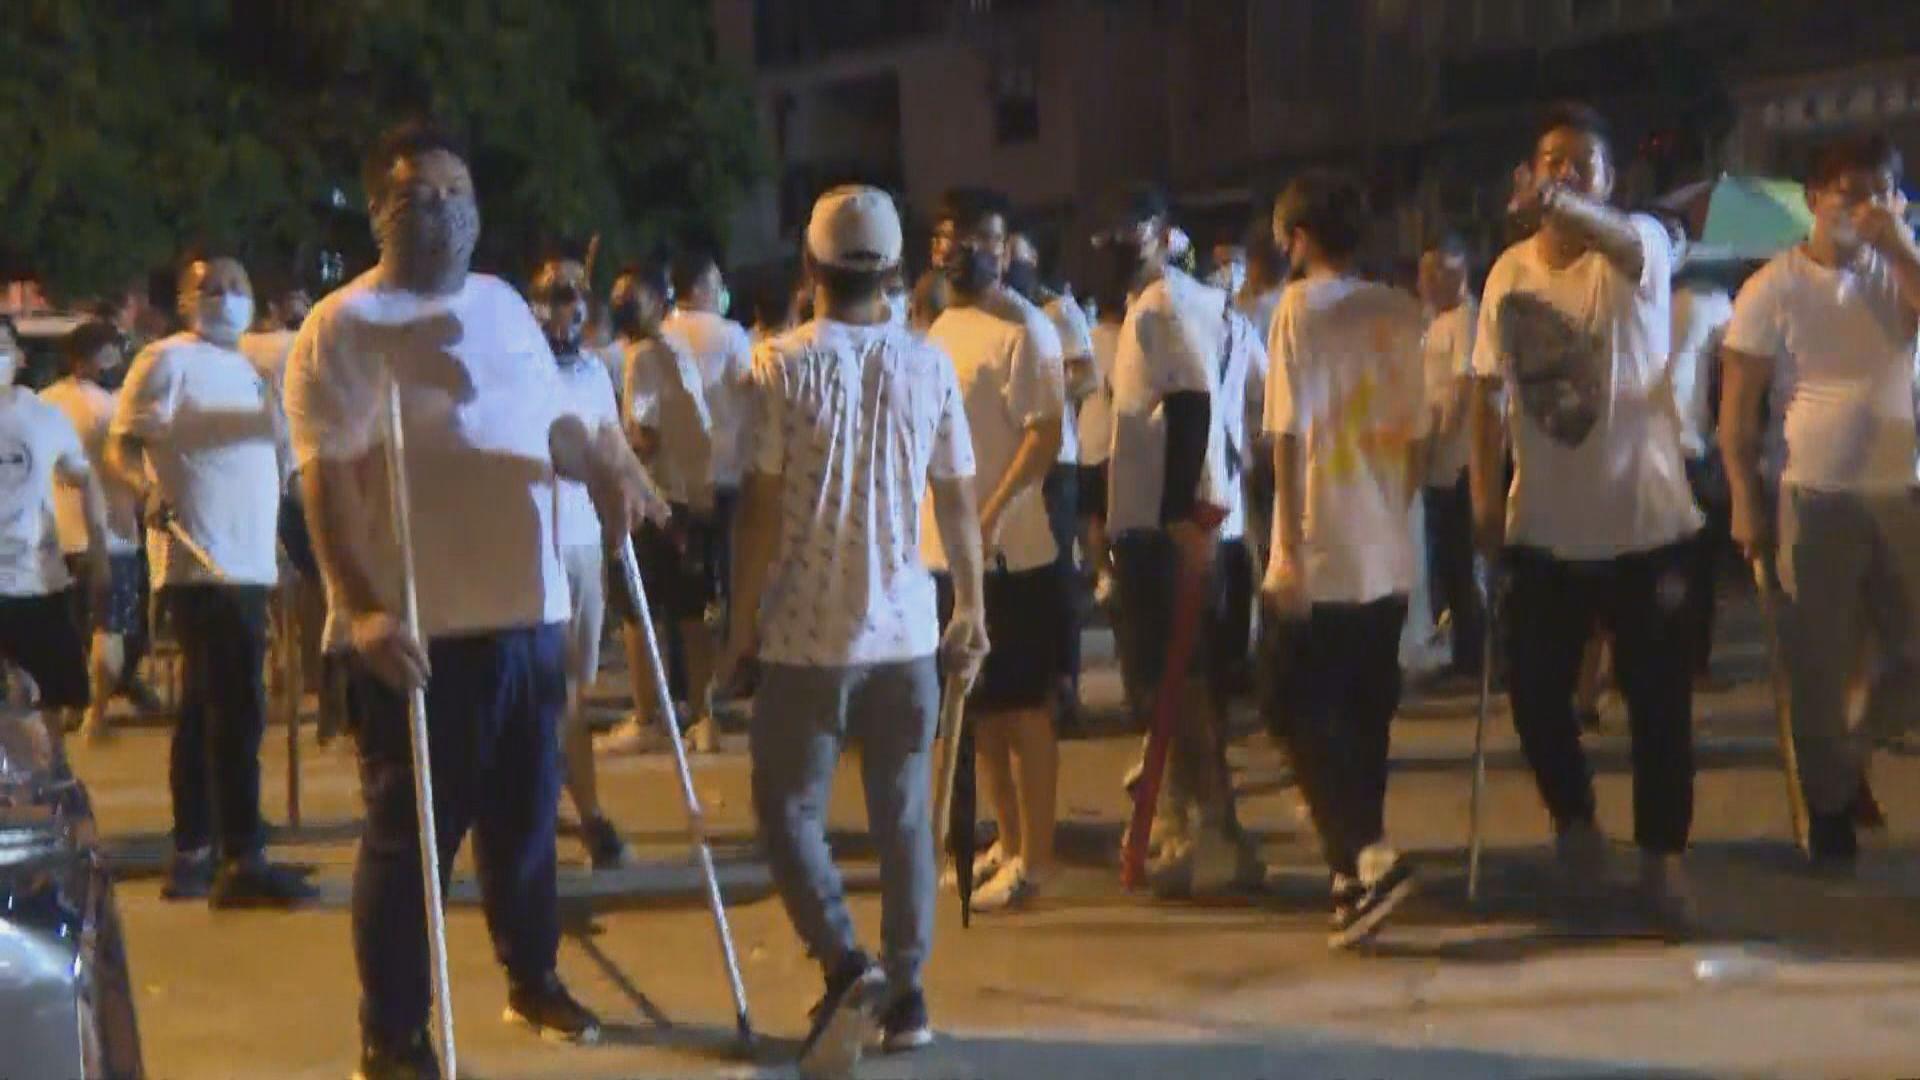 721元朗襲擊事件多一名白衣男子涉暴動 警方將安排認人